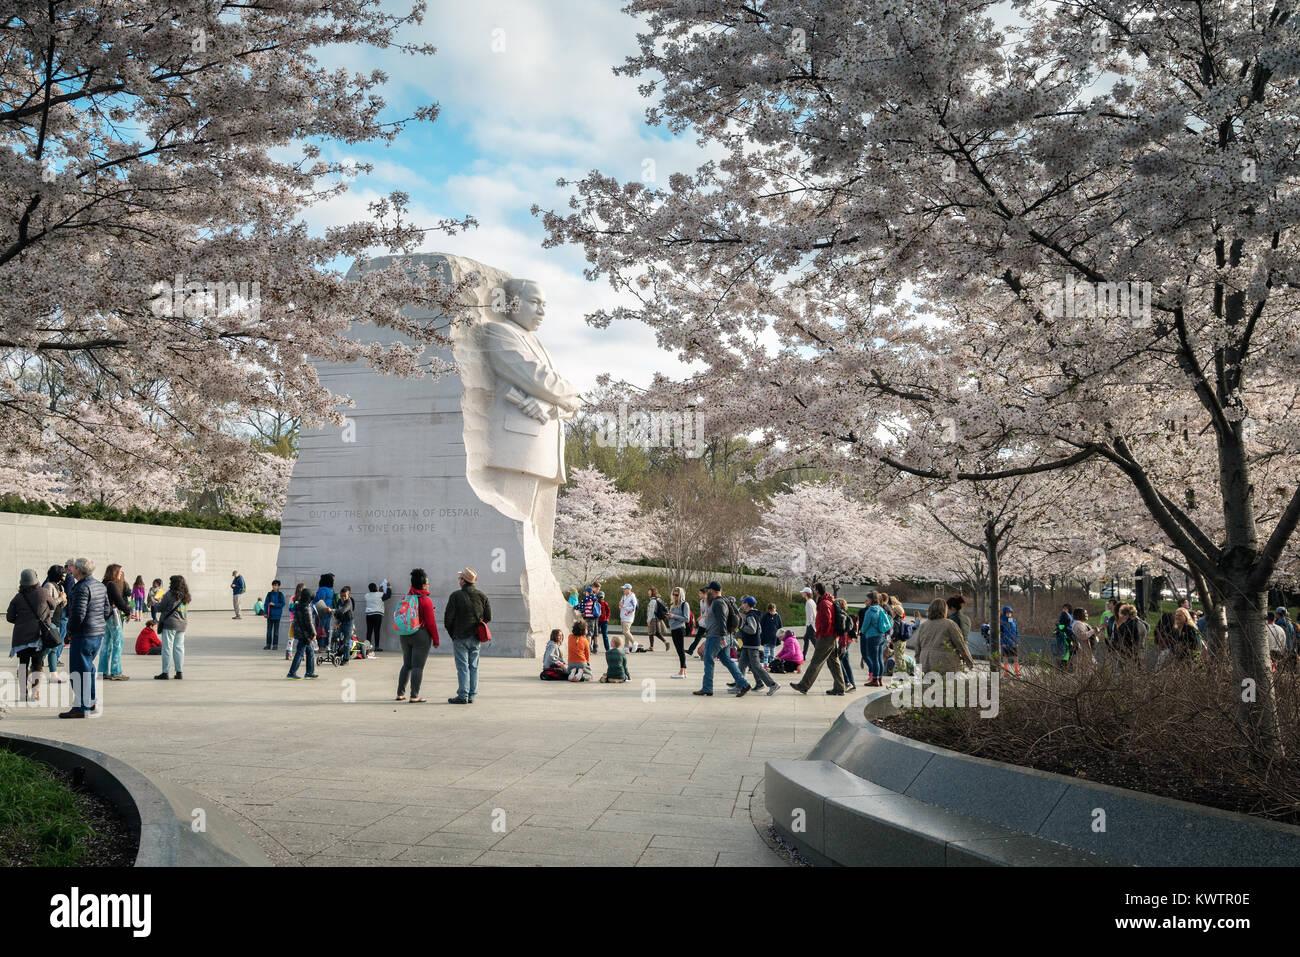 WASHINGTON DC - MARZO 29, 2017 - ciliegi fioriti e turisti circondano il Martin Luther King Jr. Monumento al bacino di marea in Potomac Park. Foto Stock